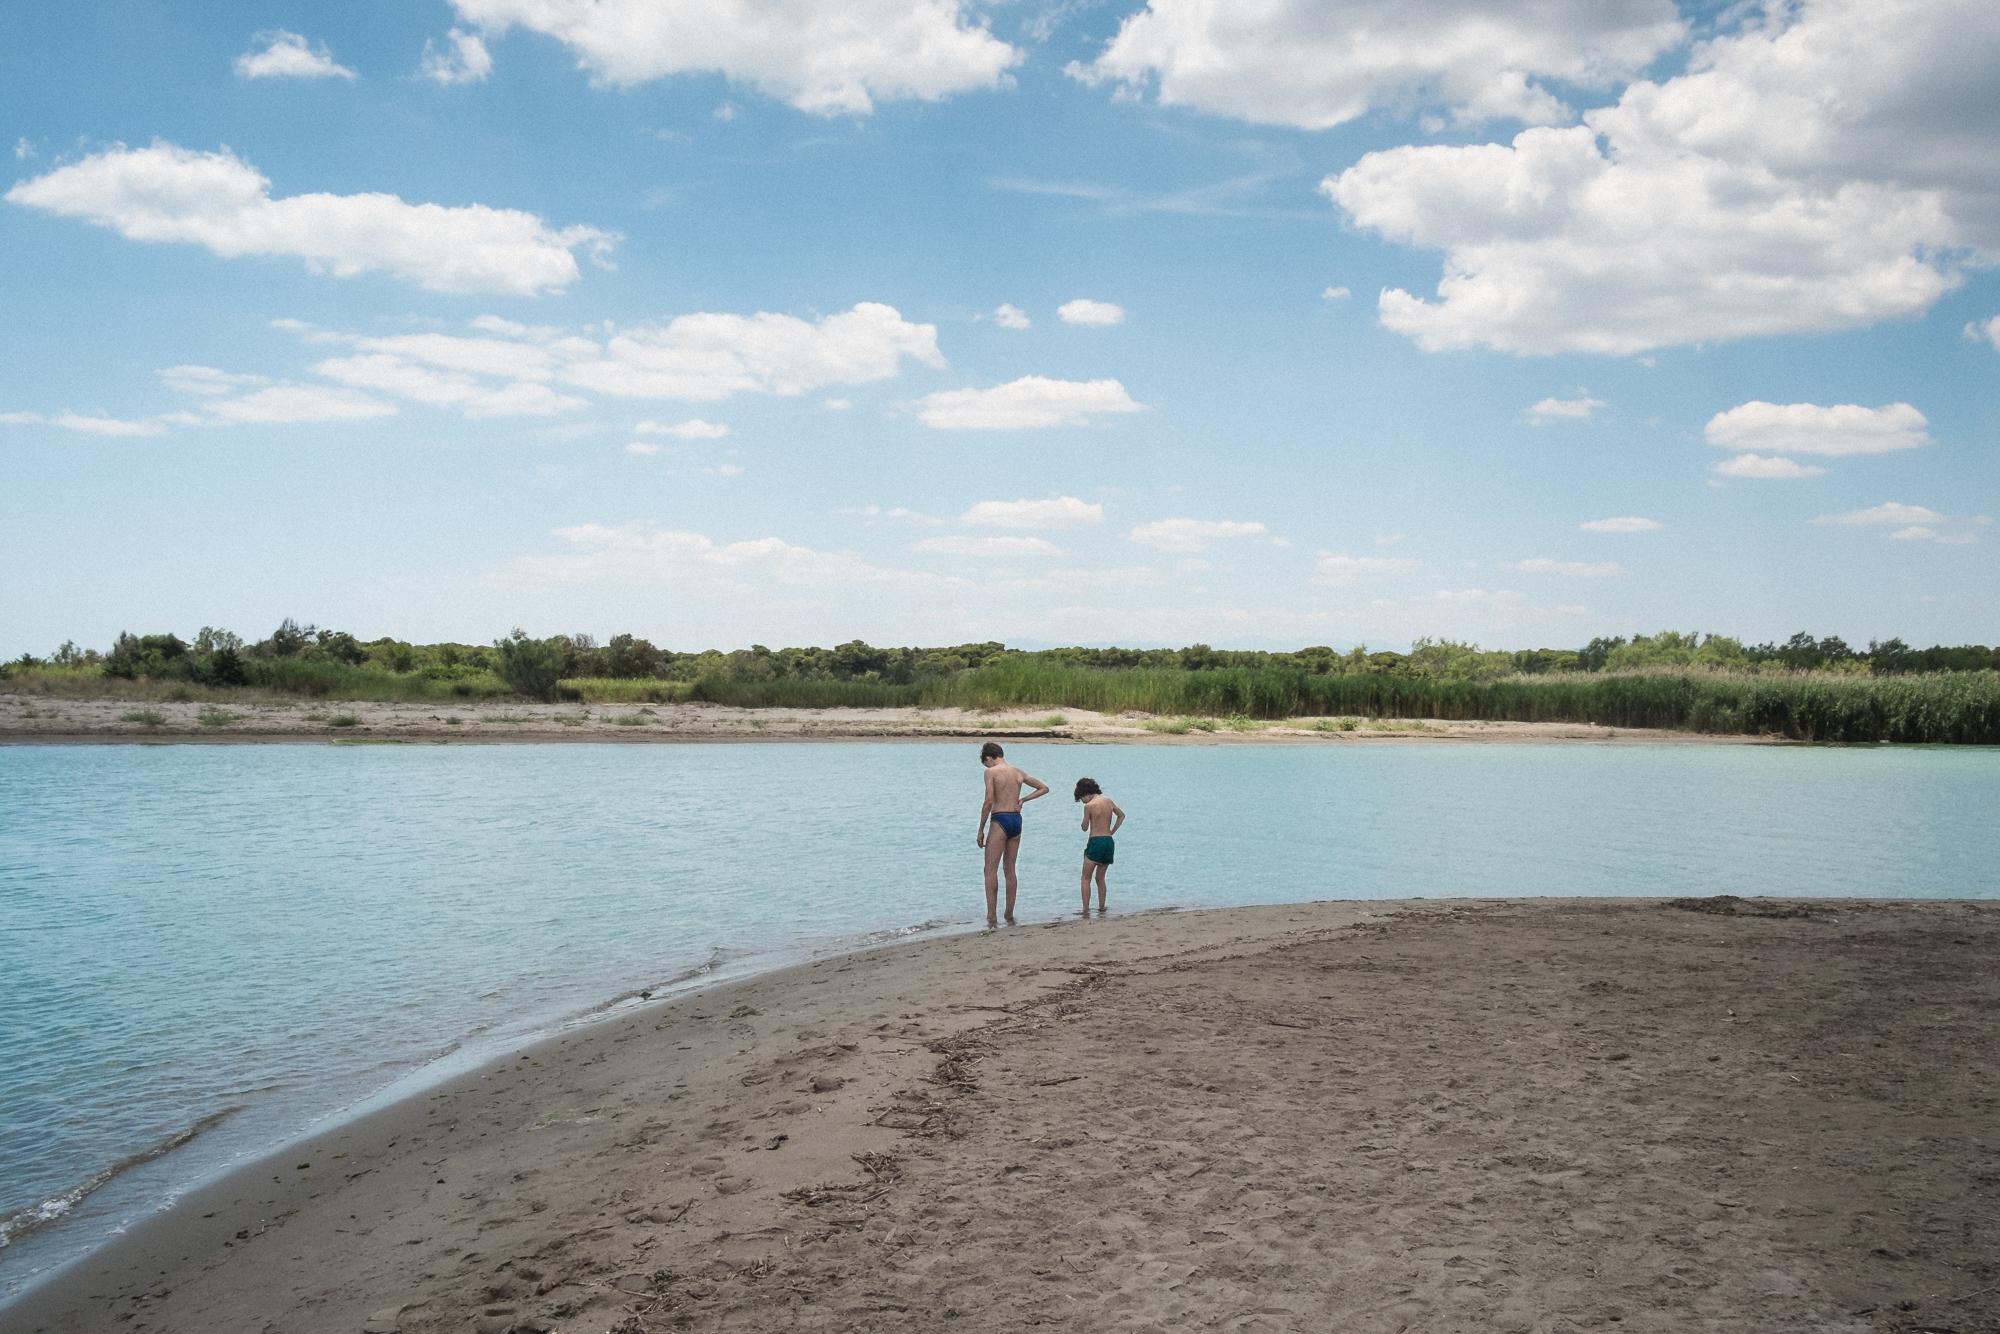 La spiaggia di Marina di Pisticci (MT), 2015. Il fiume Basento, con 149 km di corso, è il fiume più lungo della Basilicata e fra quelli che sfociano nel Mar Jonio.